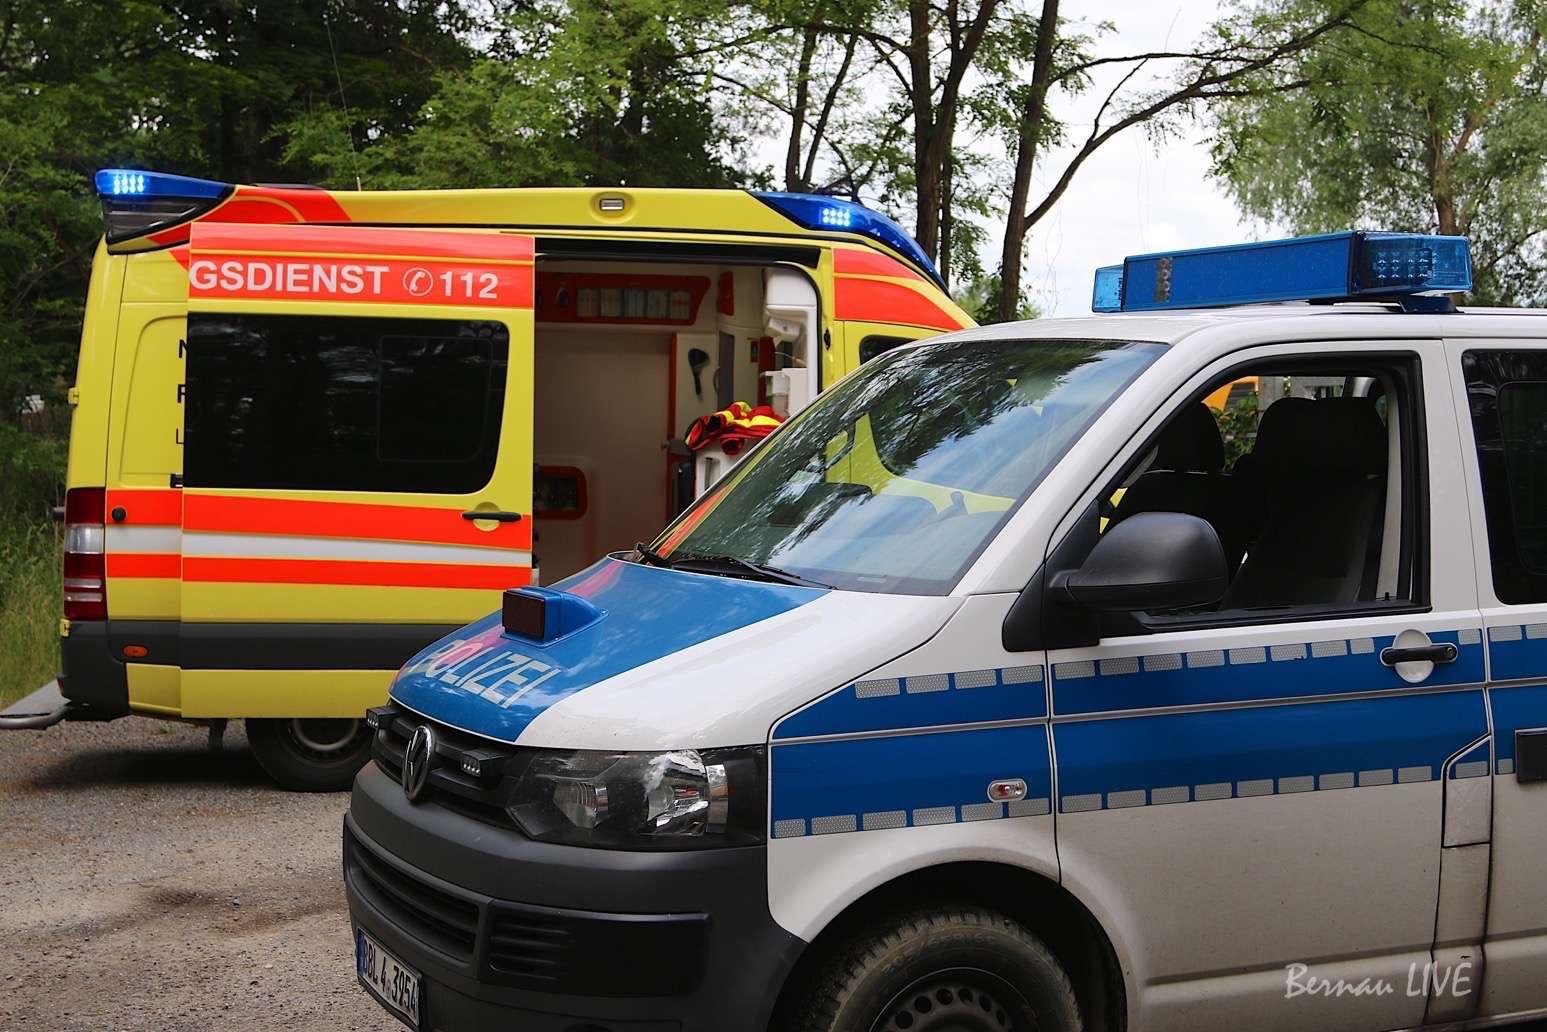 Rettungssanitäter mit Flaschen beworfen und mit Messer bedroht